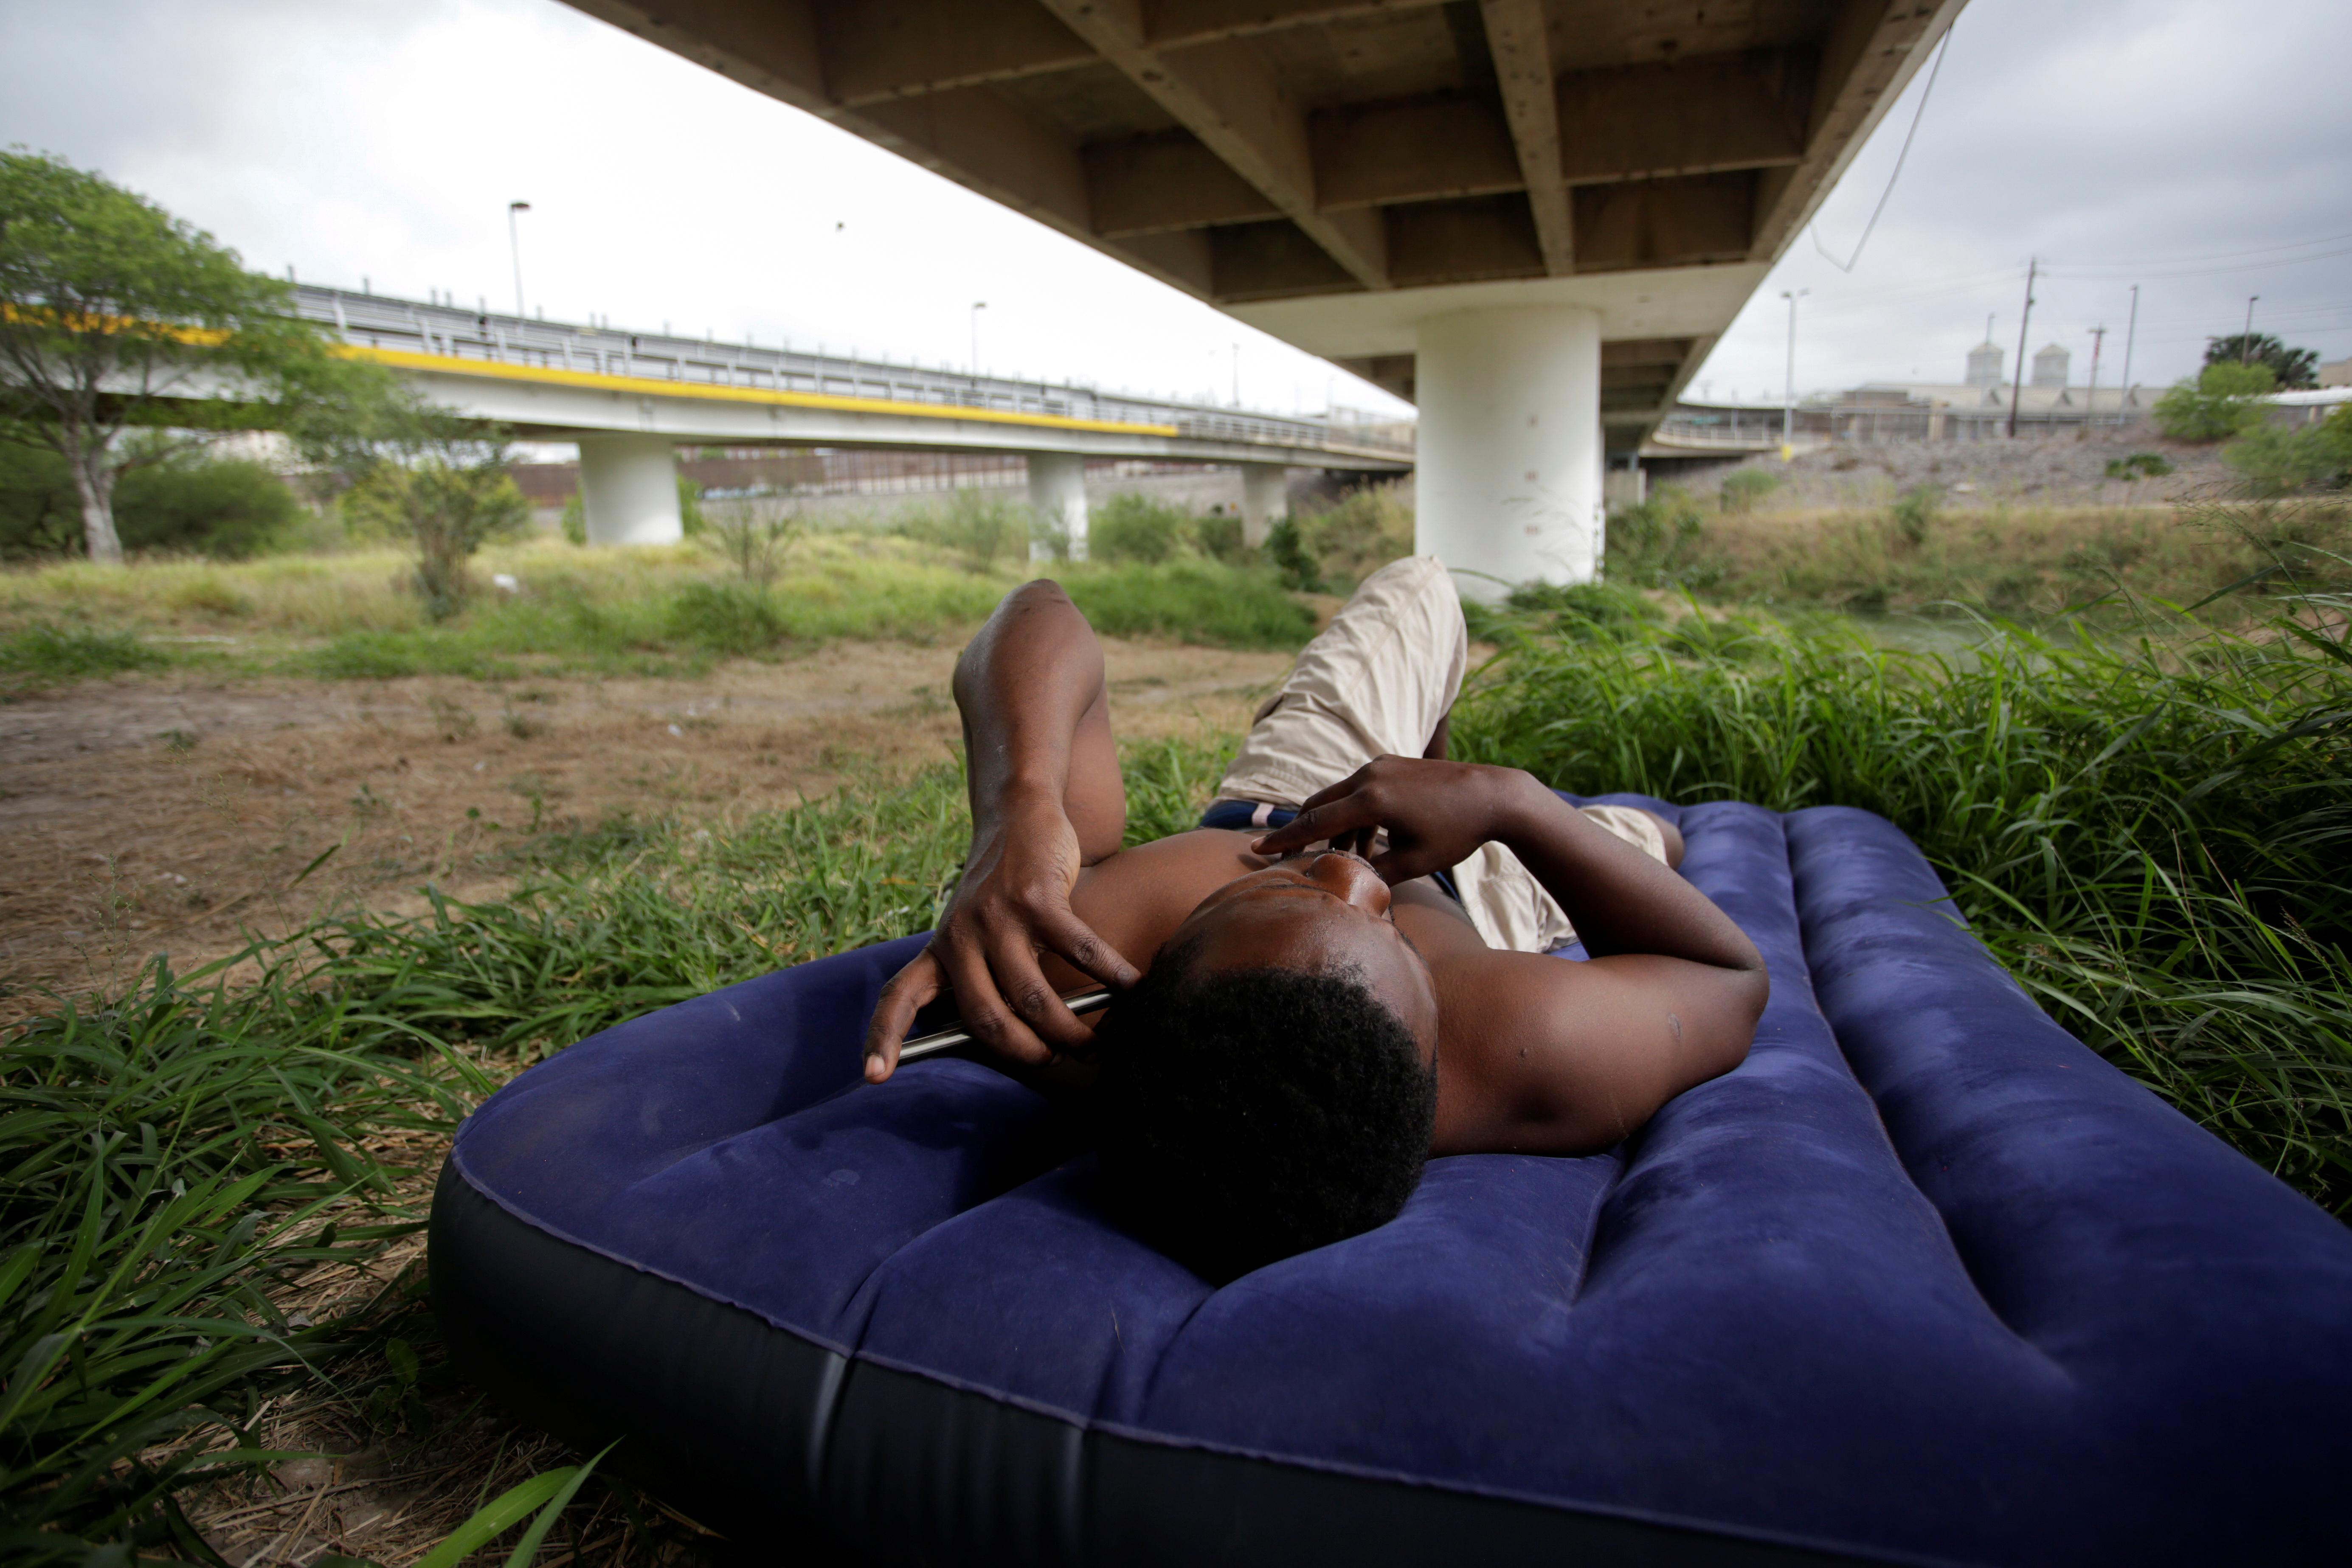 Un migrante de Haití, que busca asilo en los Estados Unidos, descansa bajo el Puente Internacional Matamoros-Brownsville, cerca de un campamento de más de 2,000 migrantes, mientras las autoridades locales se preparan para responder al brote de la enfermedad del coronavirus (COVID-19), en Matamoros , México 20 de marzo de 2020.